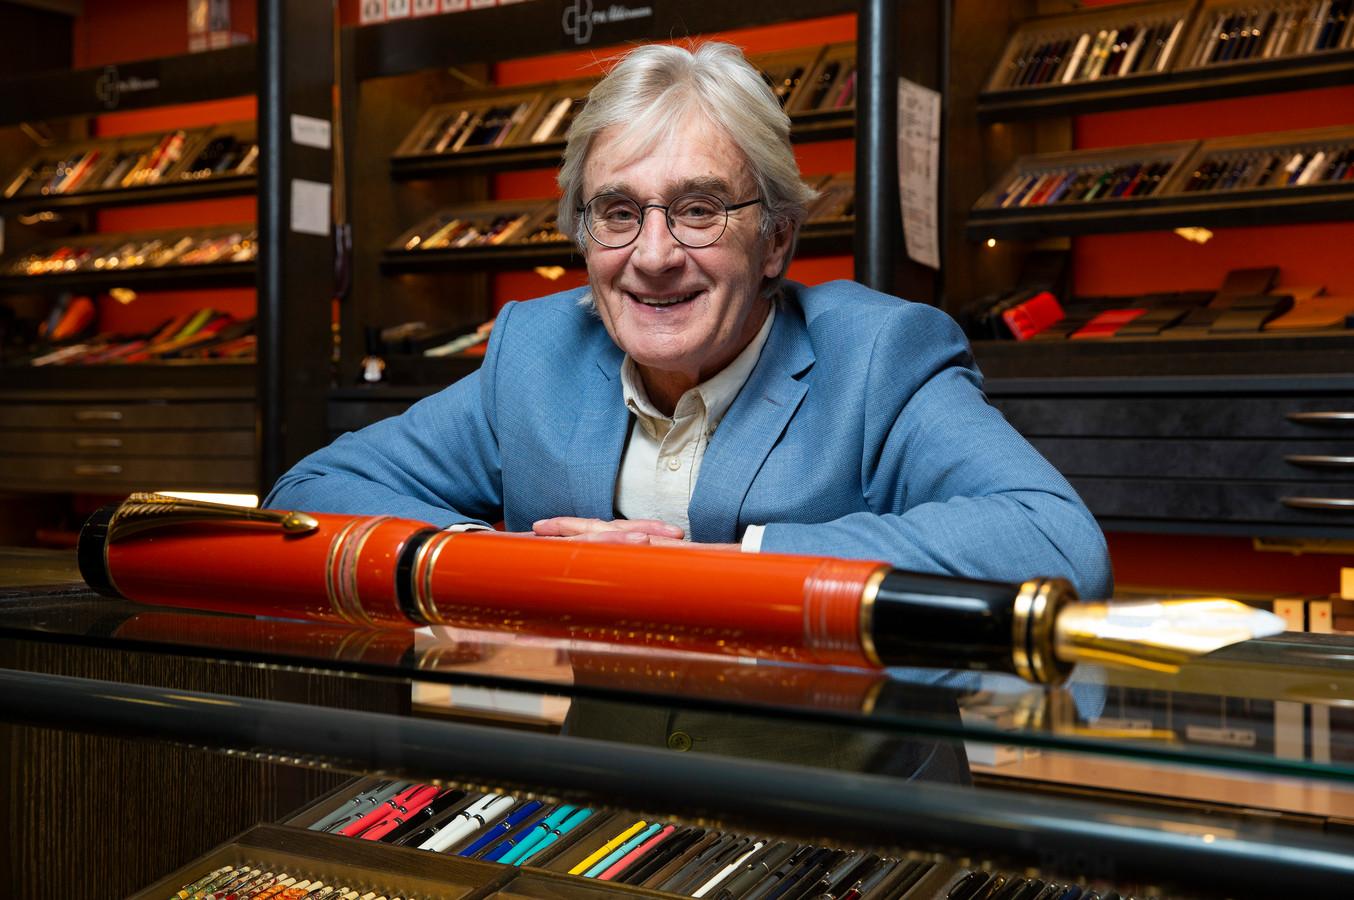 Arthur Akkerman van de pennenzaak in de Passage. De winkel van Akkerman is afgelopen dinsdag genoemd in het debat in de Tweede Kamer.